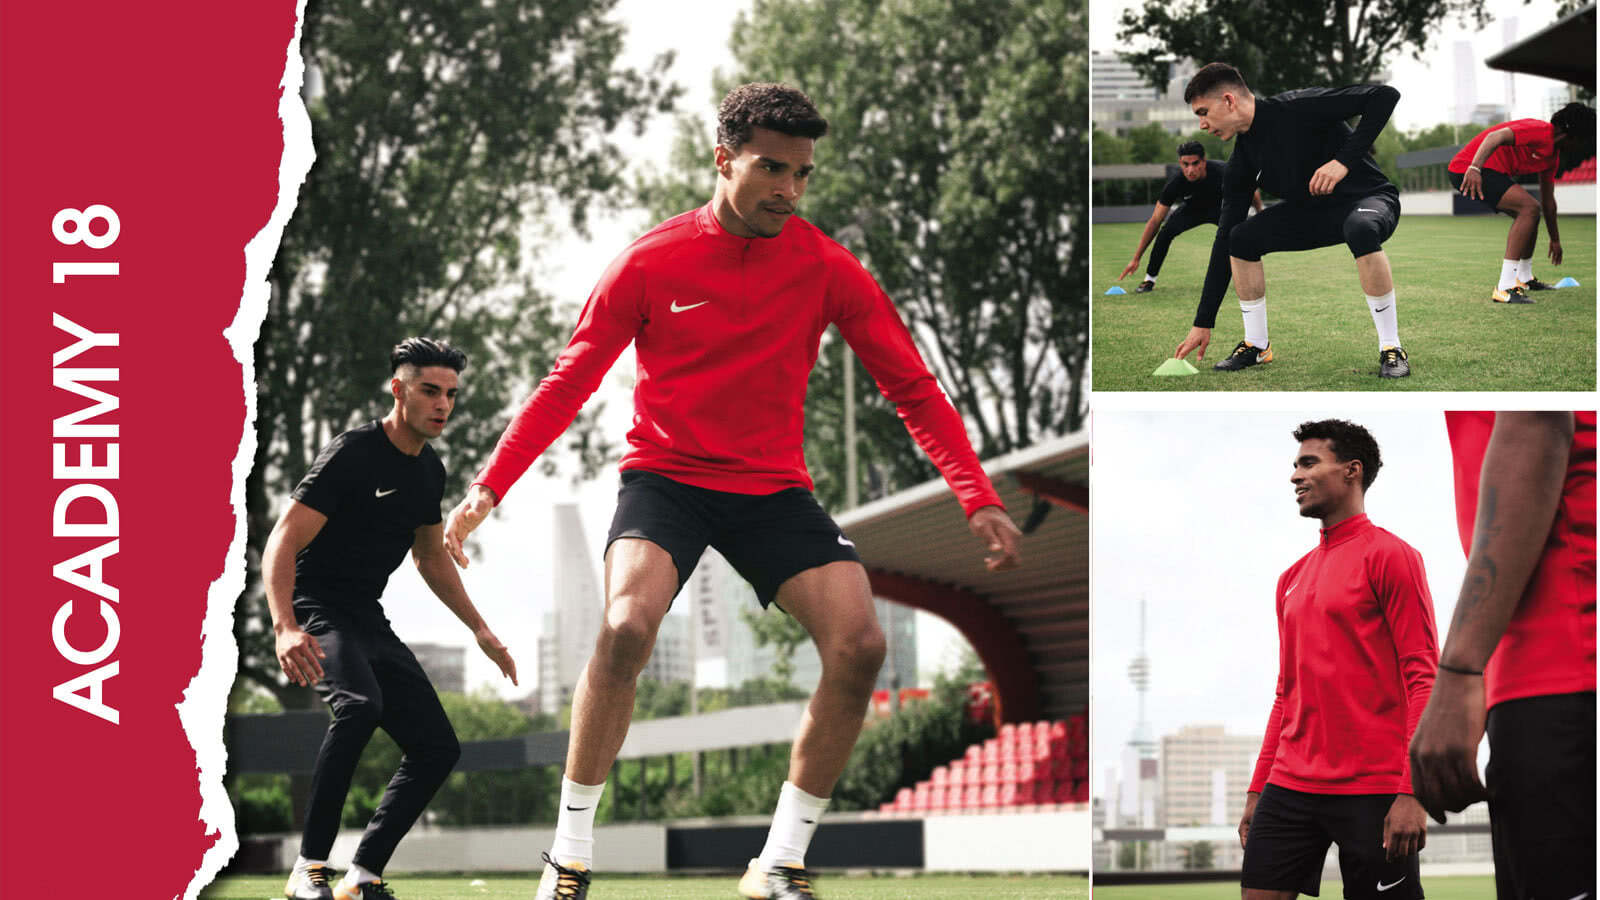 Nike Academy 18 Sportbekleidung reduziert im Shop kaufen